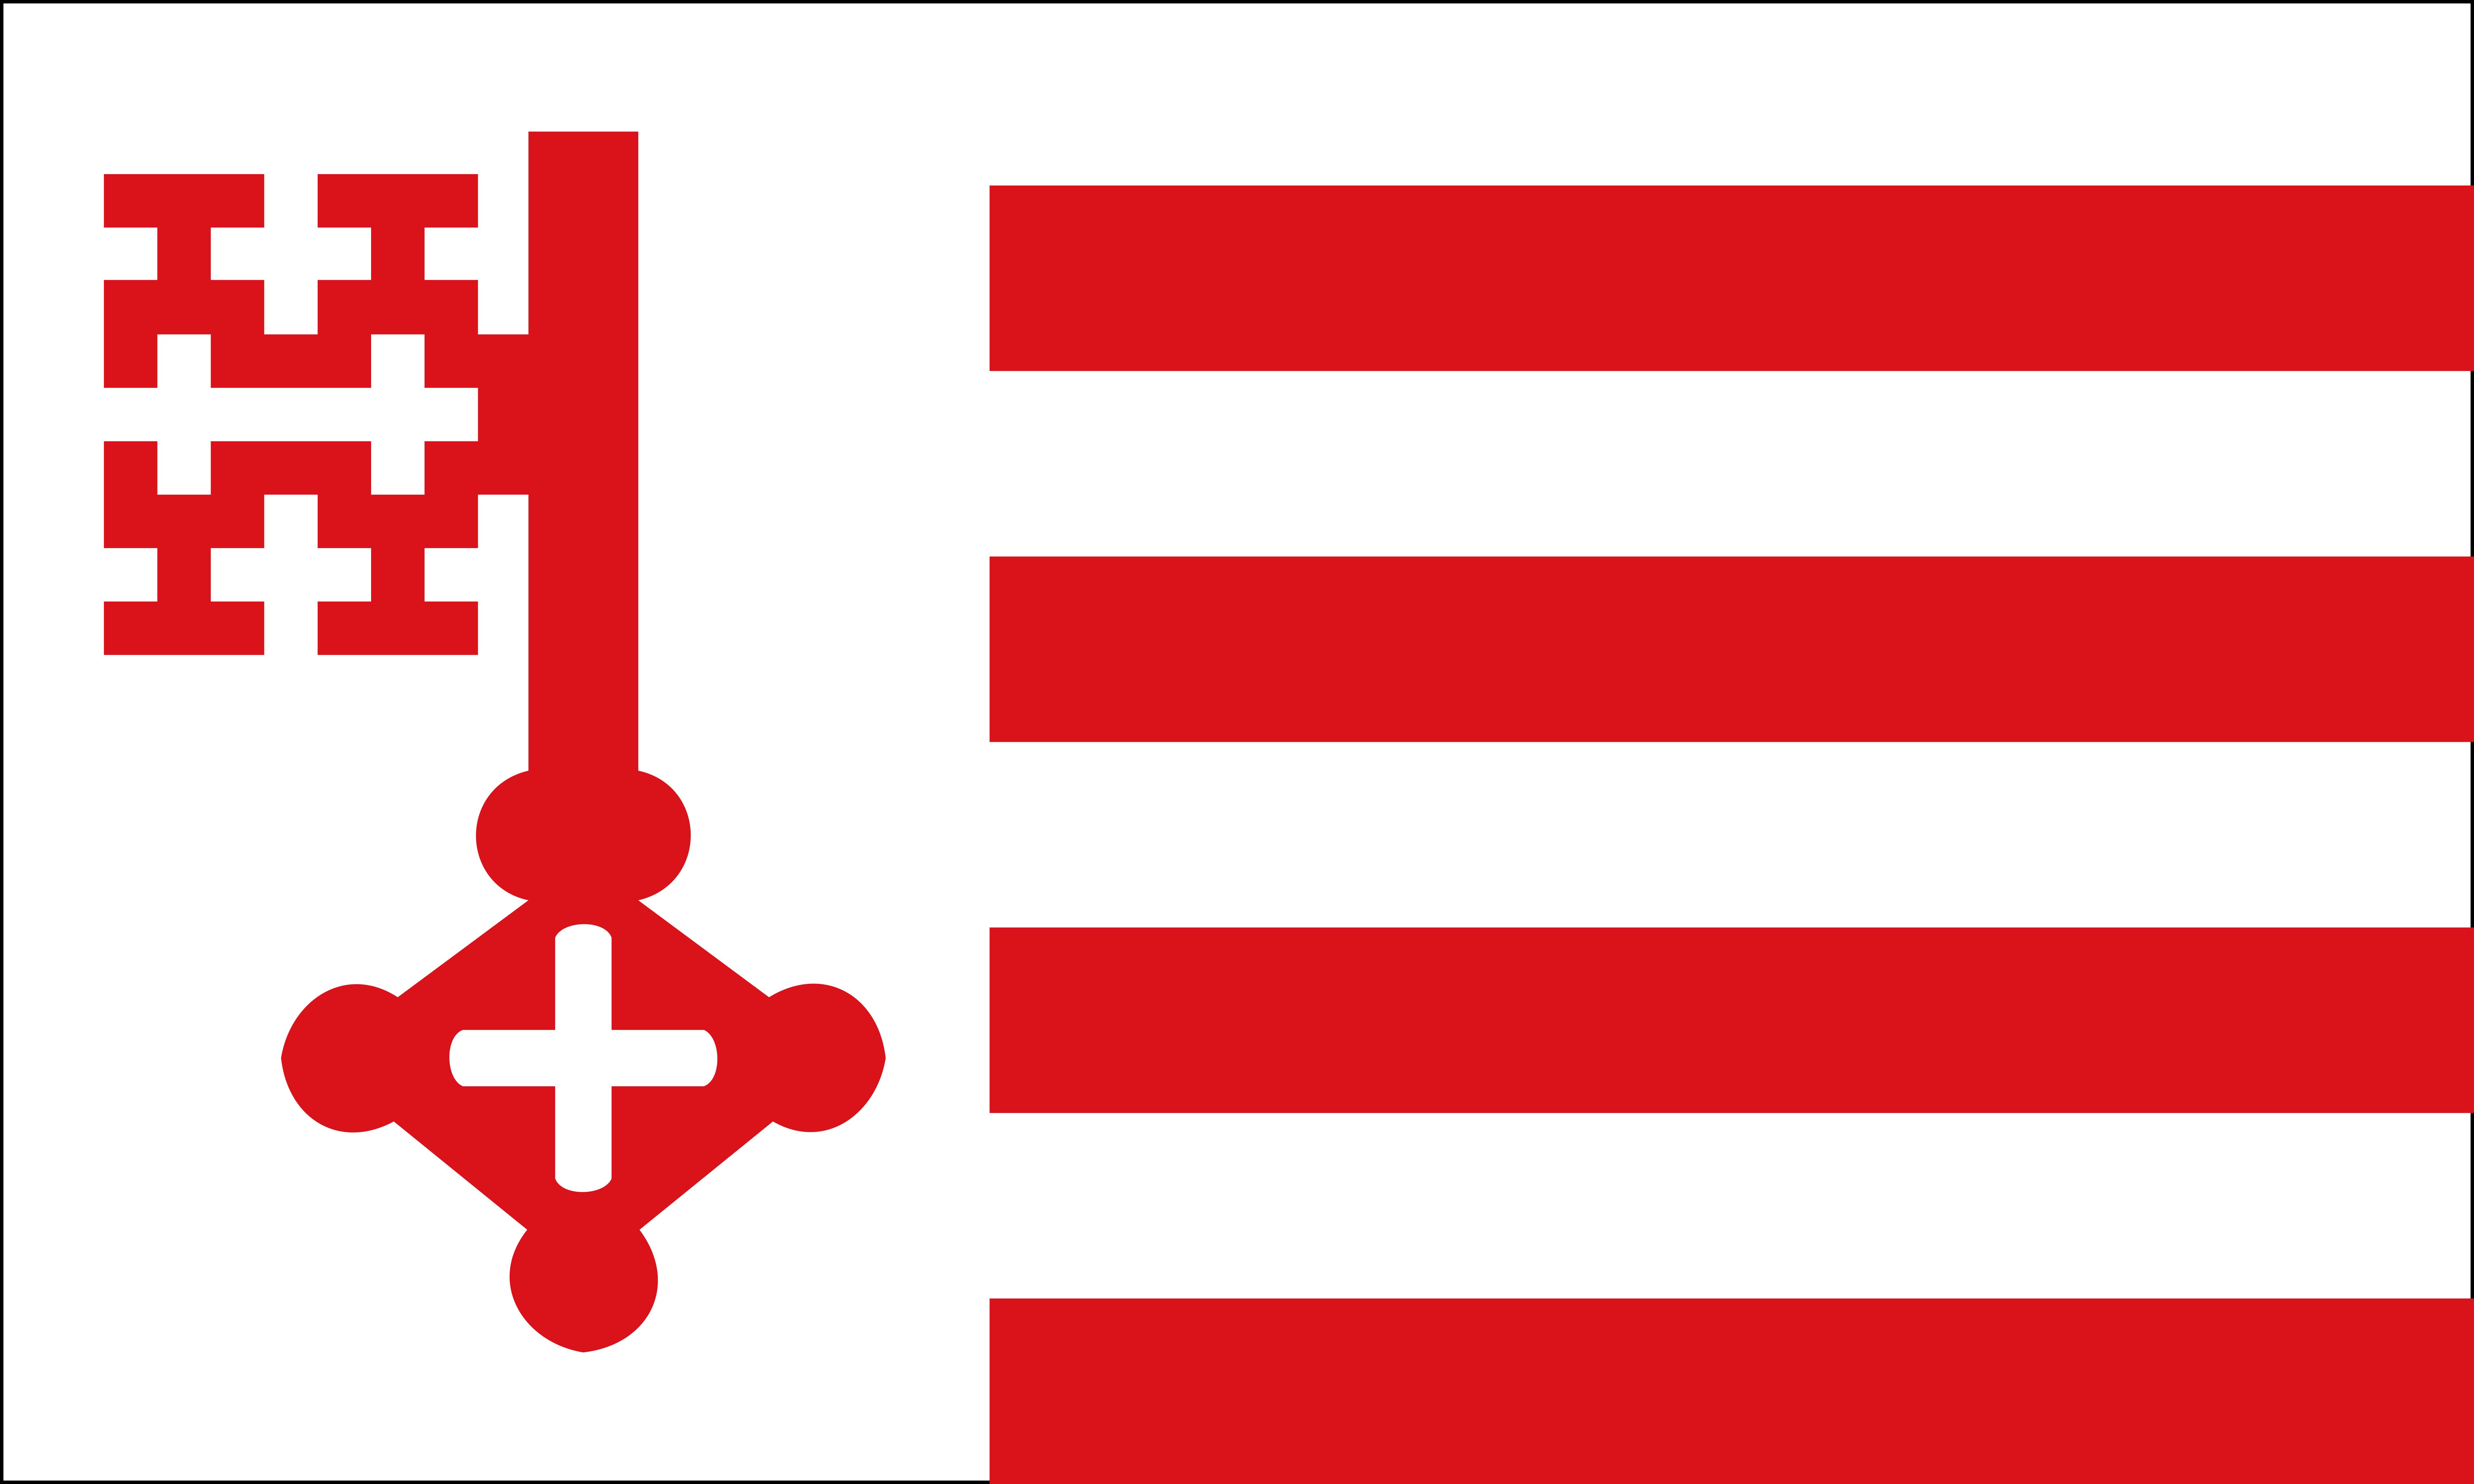 Flagge_der_Stadt_Soest